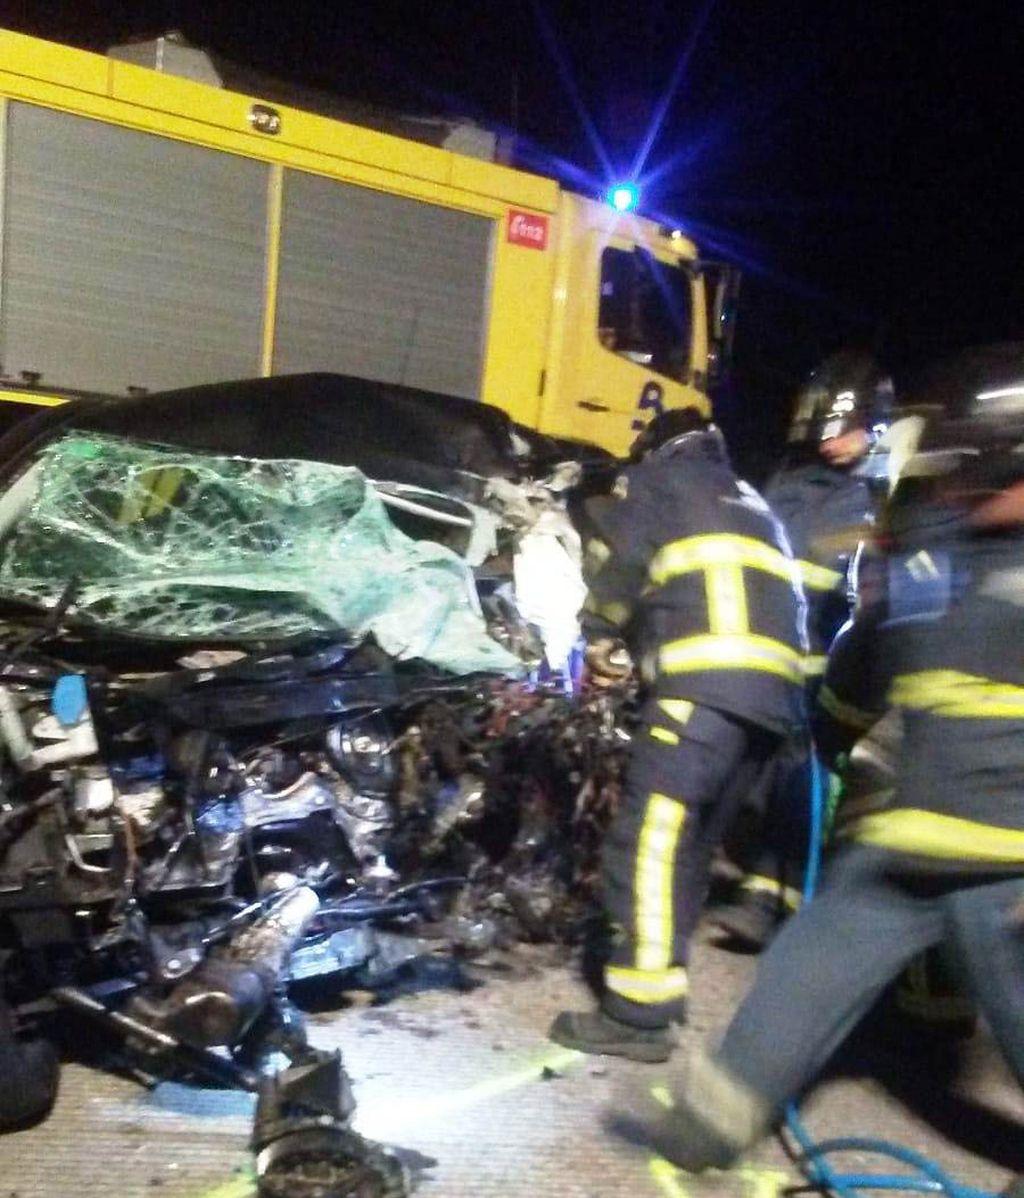 Un kamikaze provoca un accidente con un muerto y 5 heridos